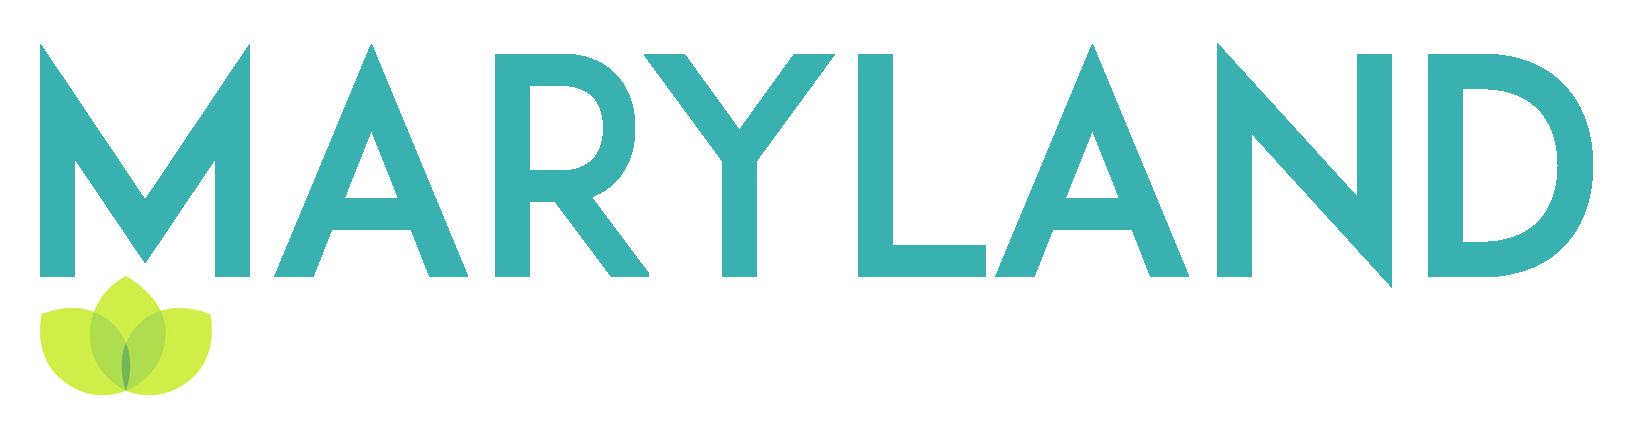 Maryland Wellness